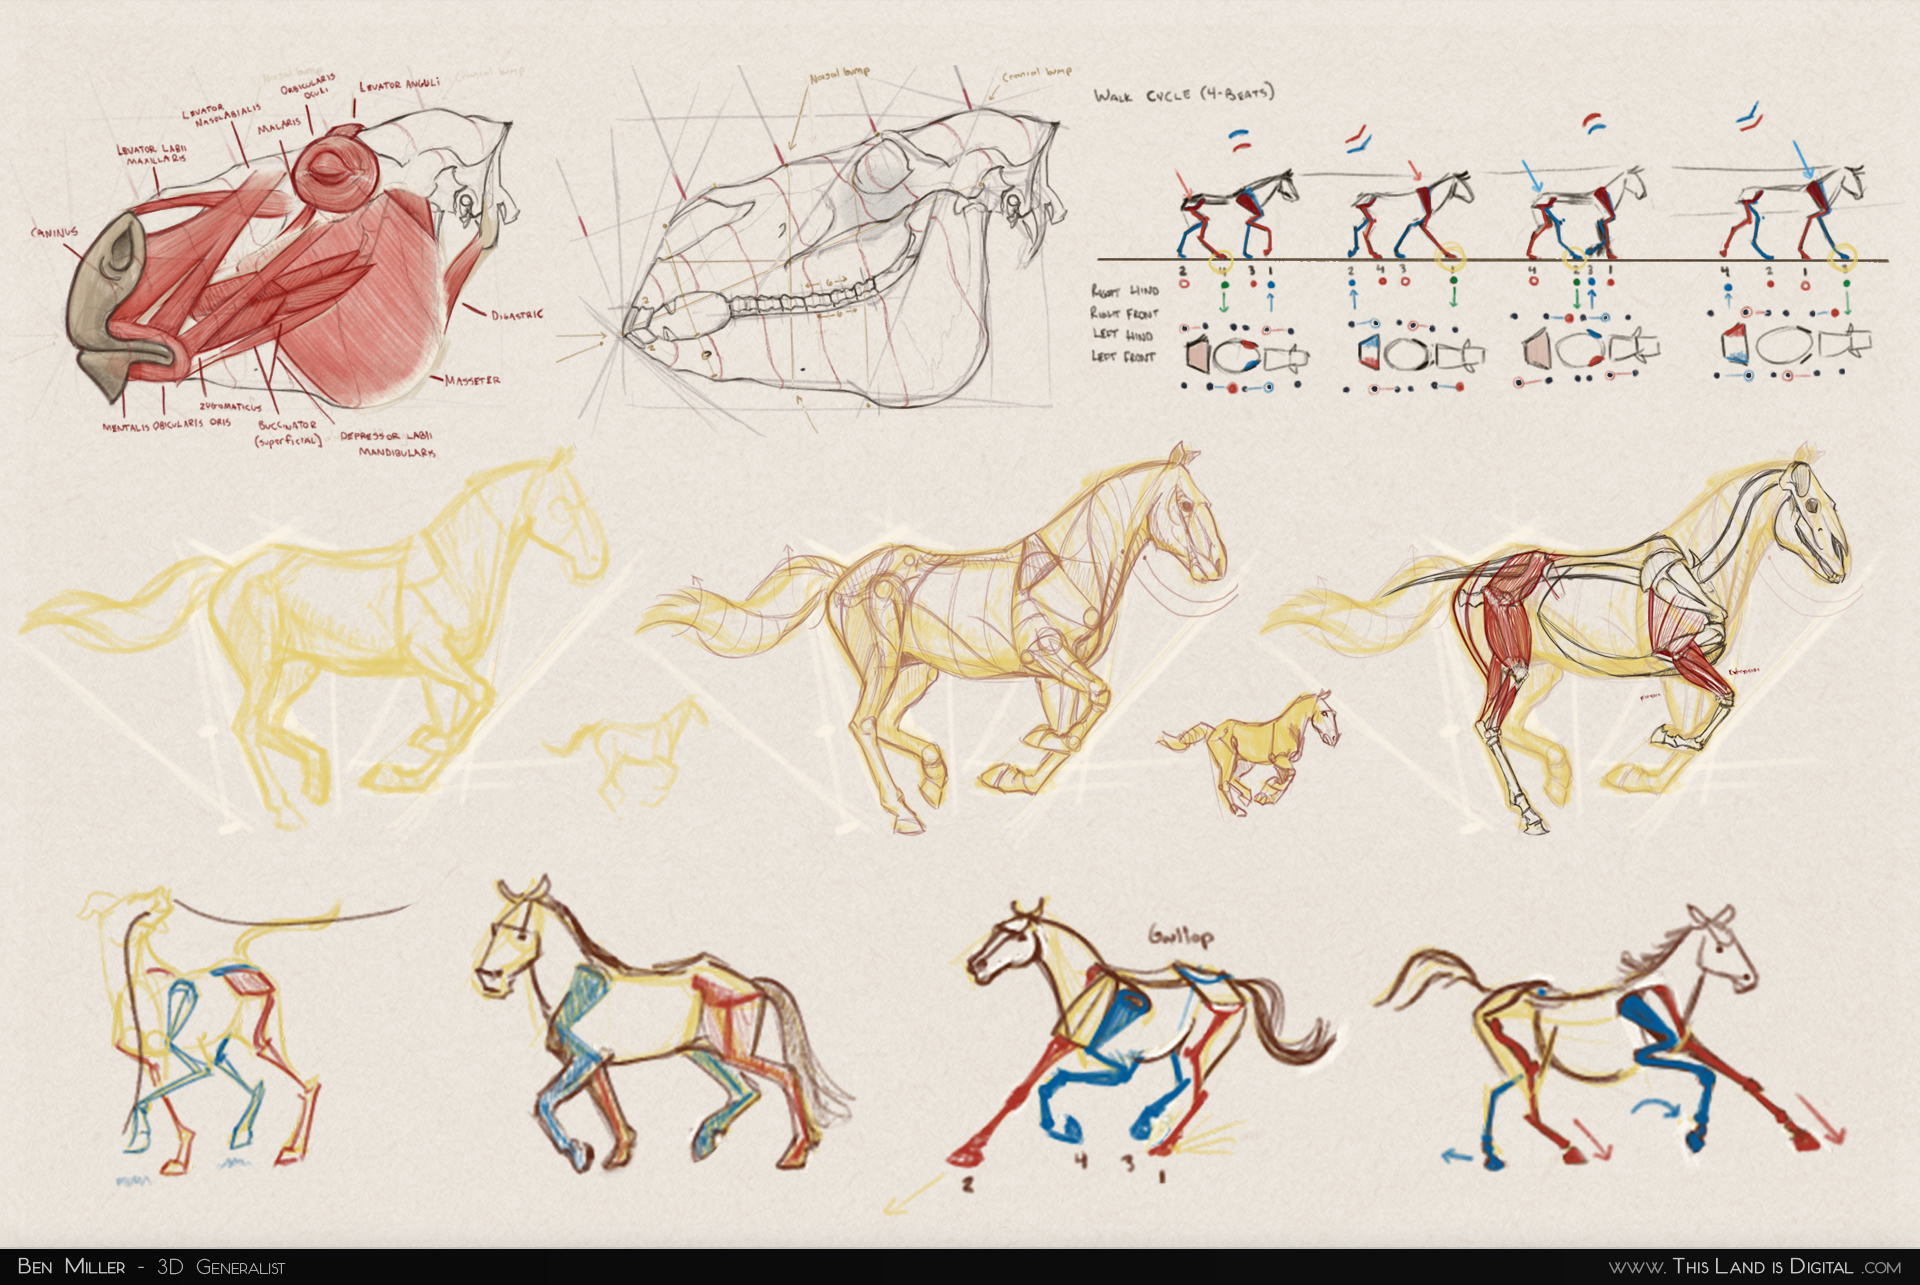 TLiD_WeddingSculpture-Sketches_01-Studies.jpg